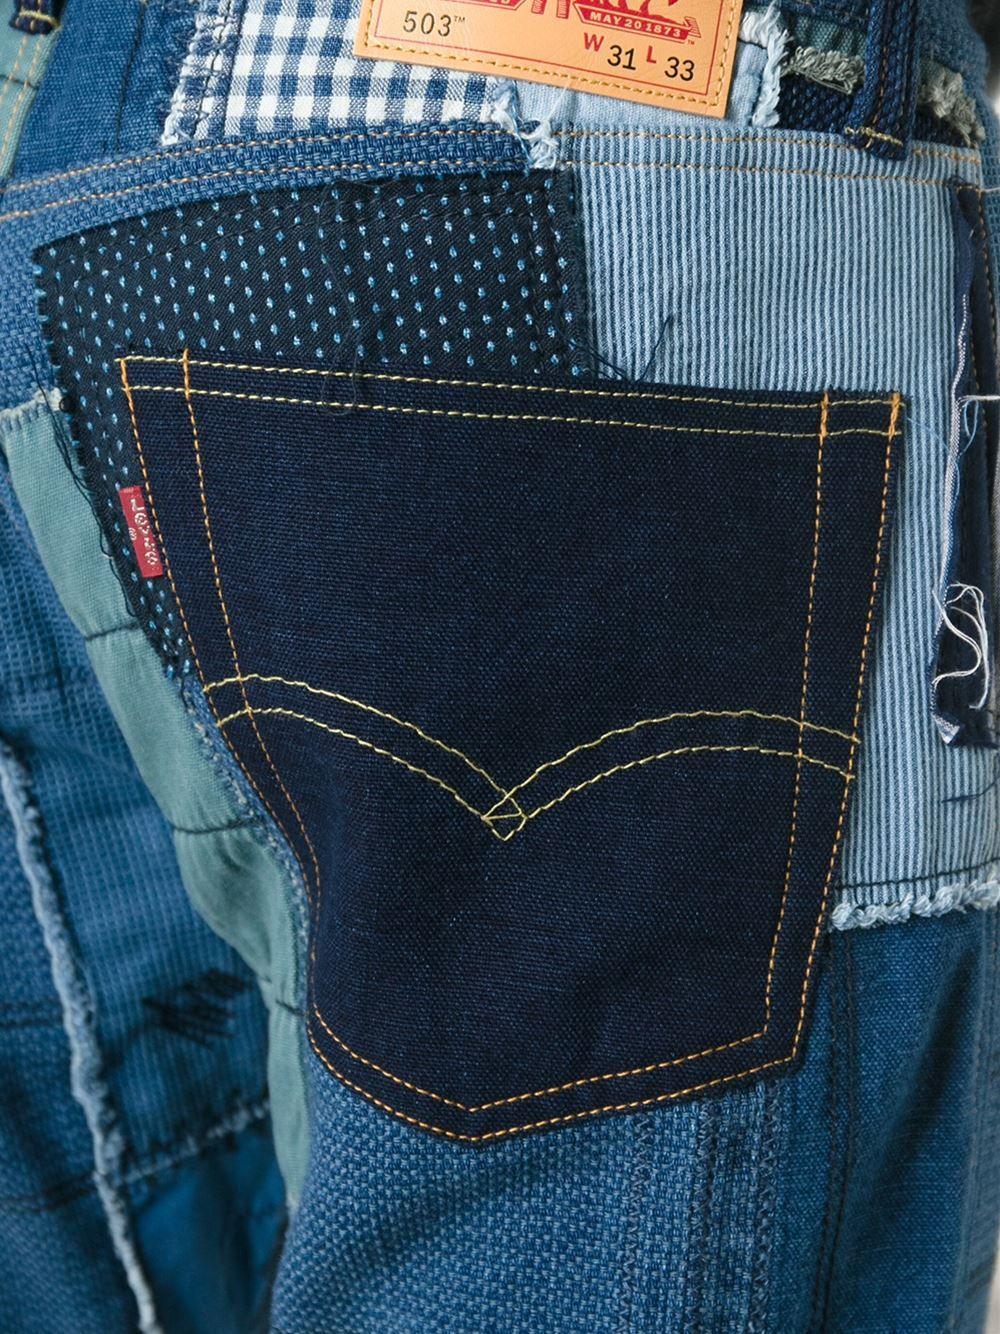 a6e365d08 Junya Watanabe Comme Des Garçons Man Junya Watanabe X Levi's Patchwork Jeans  - Eraldo - Farfetch.com